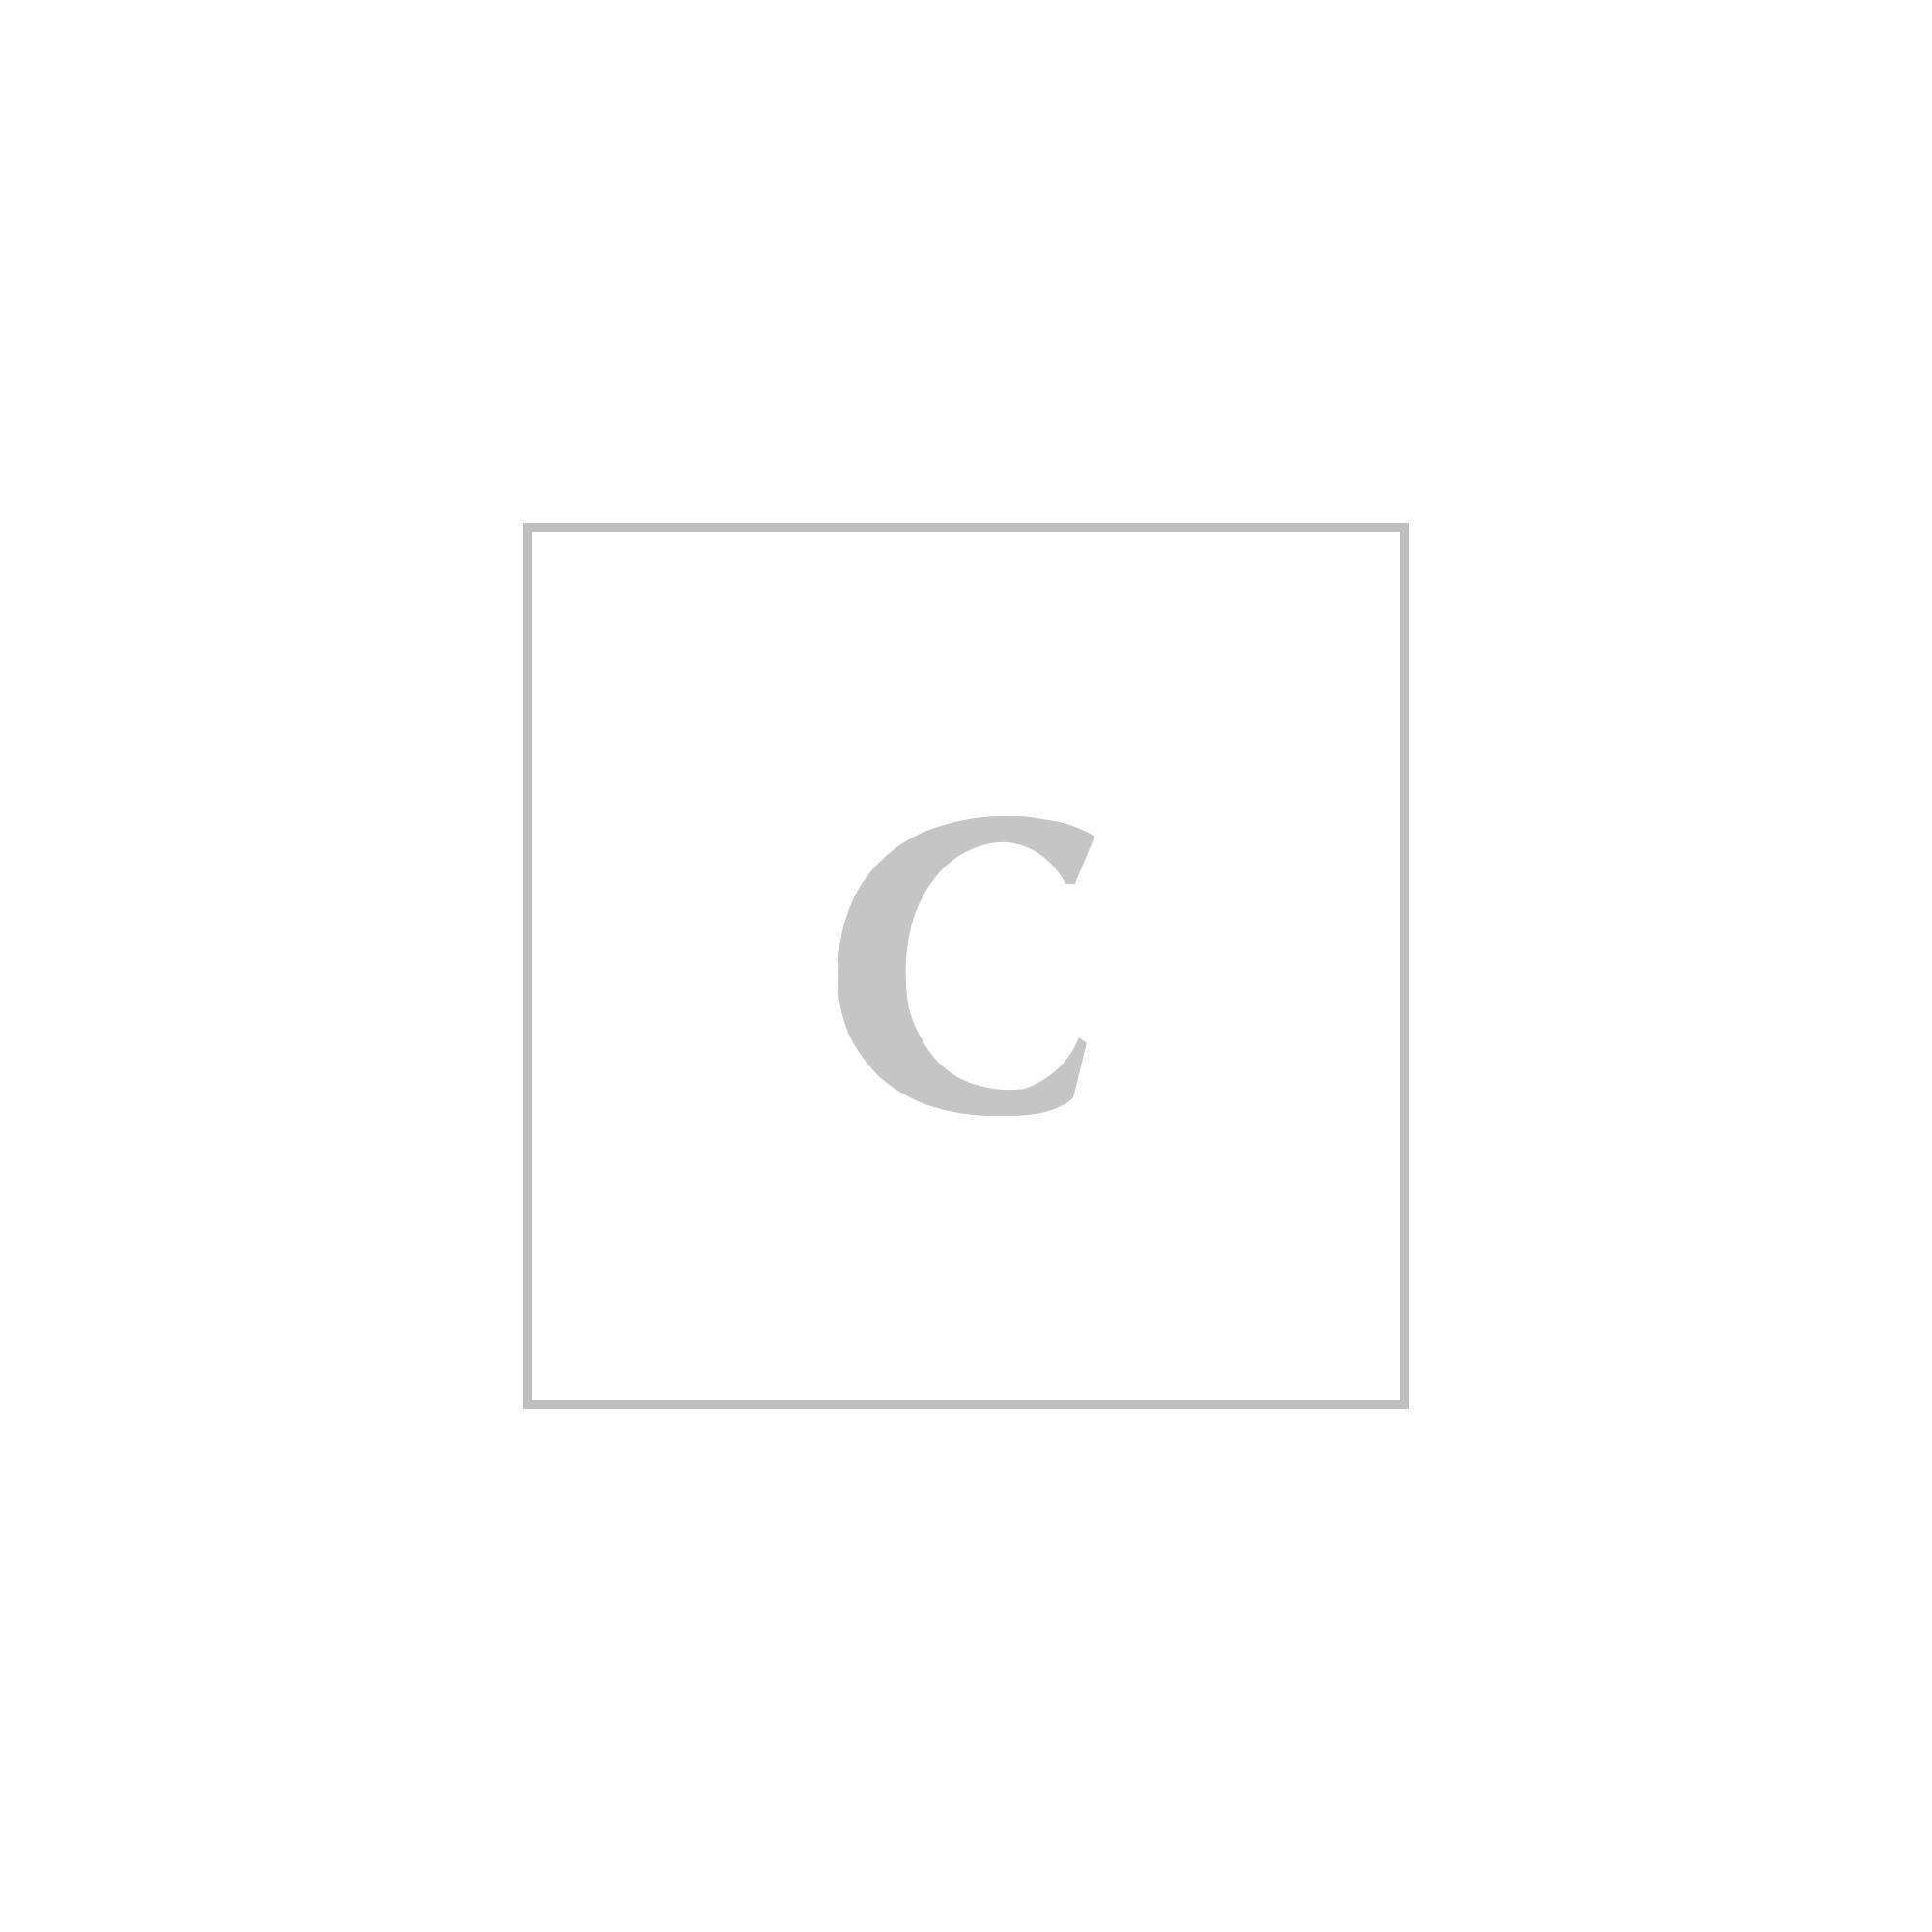 9399d9c35817 Women Prada Clutches Biliardo+nero   Coltorti Boutique